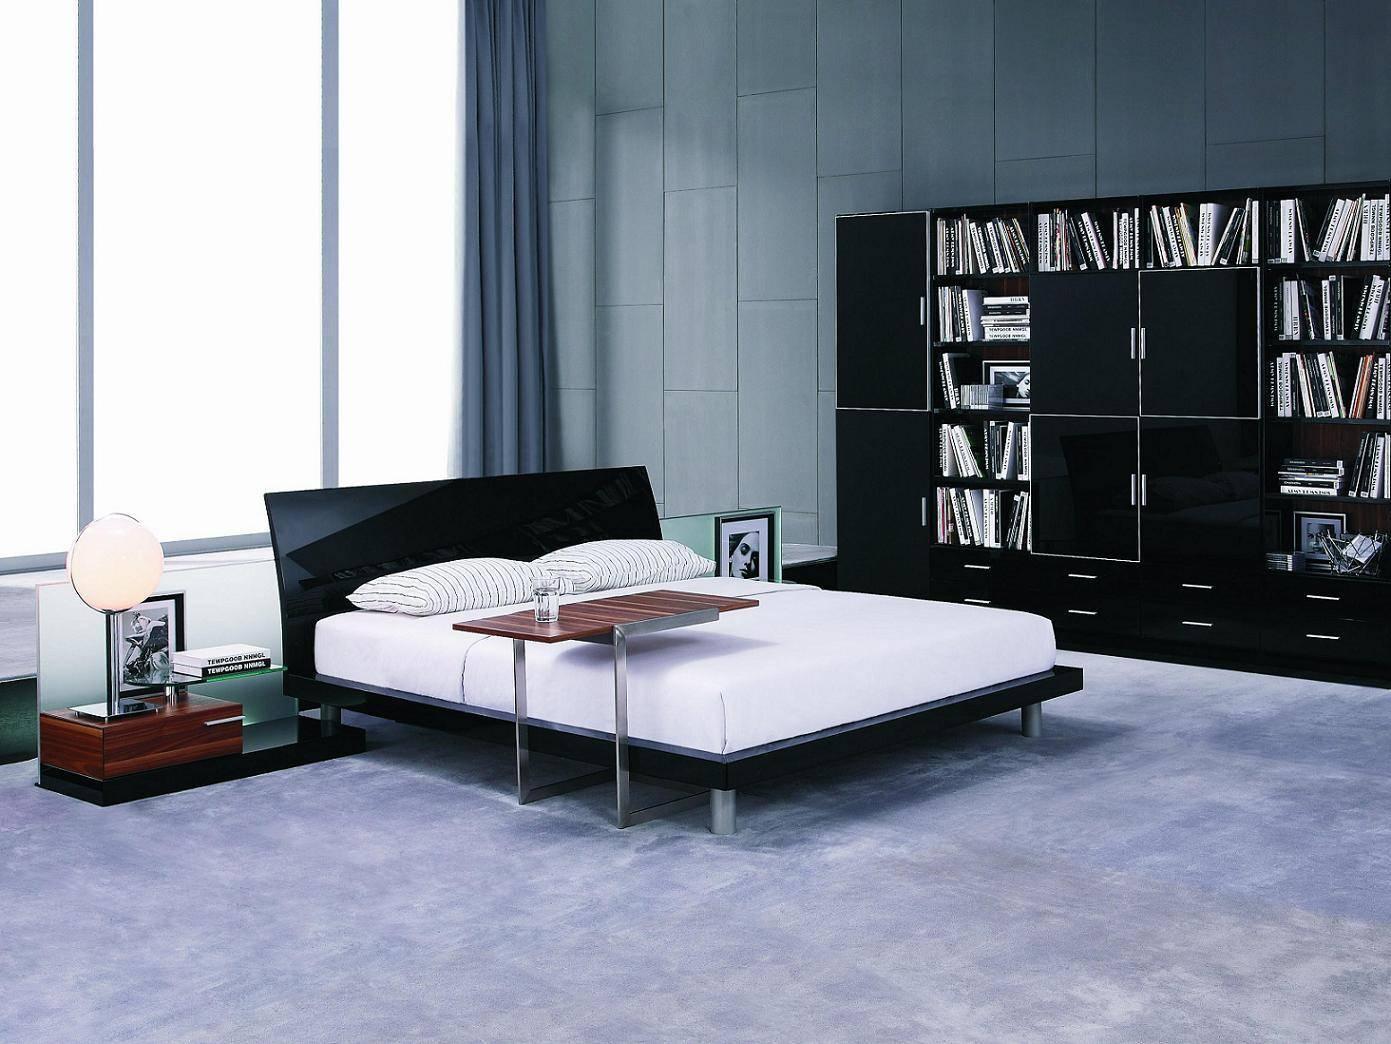 Черный и белый цвета в стиле хай-тек